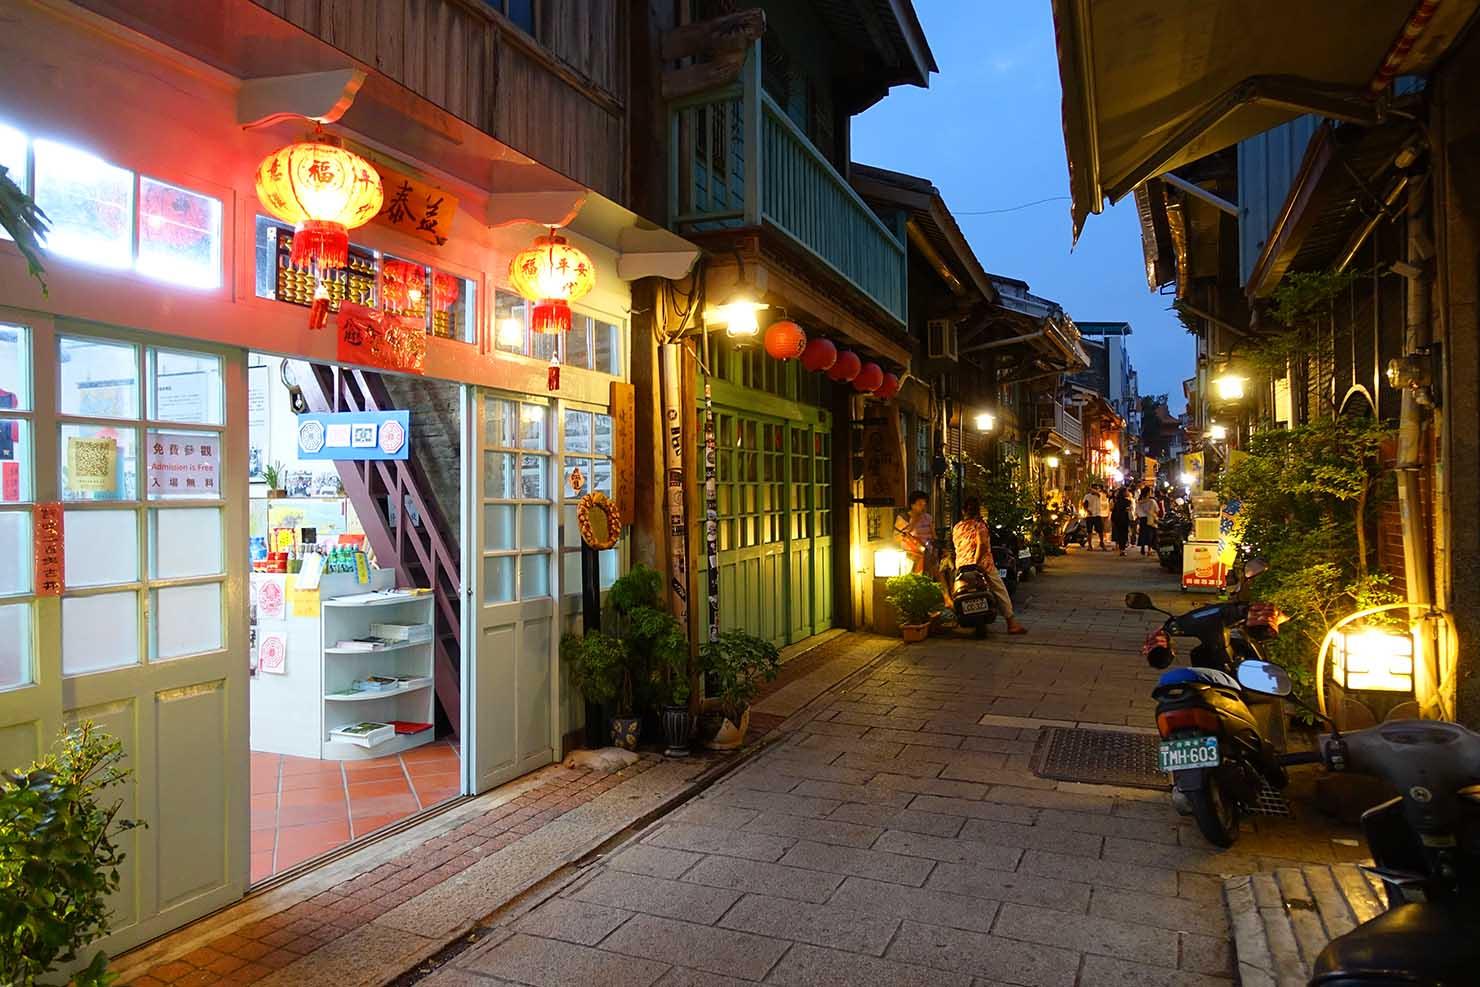 台湾の古都・台南のおすすめ観光スポット「神農街」夜の街並み